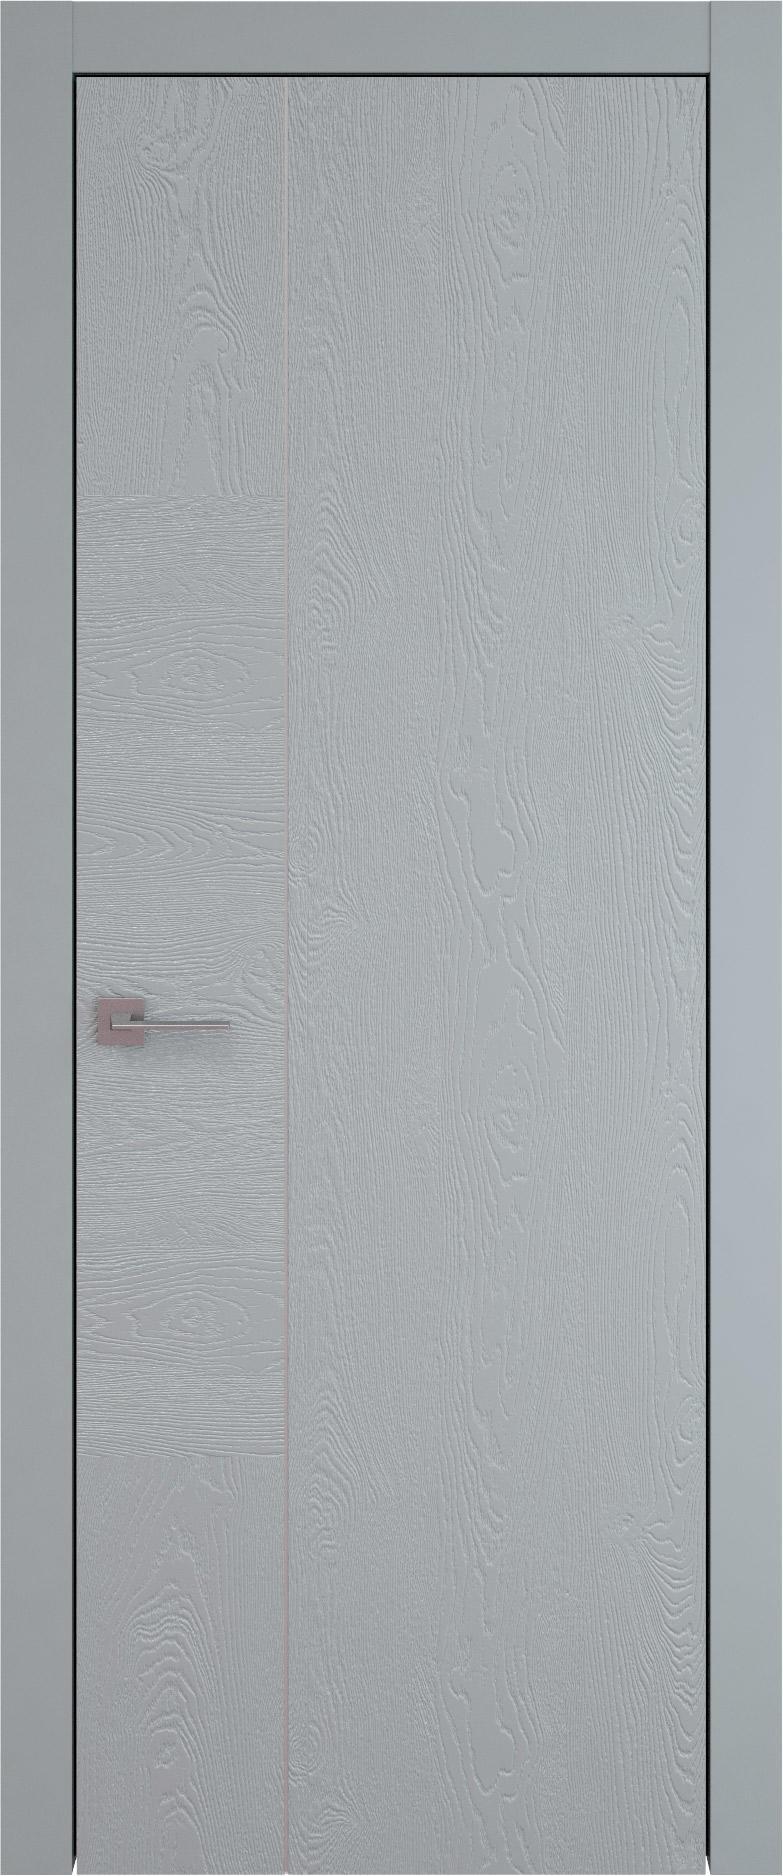 Tivoli В-1 цвет - Серебристо-серая эмаль по шпону (RAL 7045) Без стекла (ДГ)